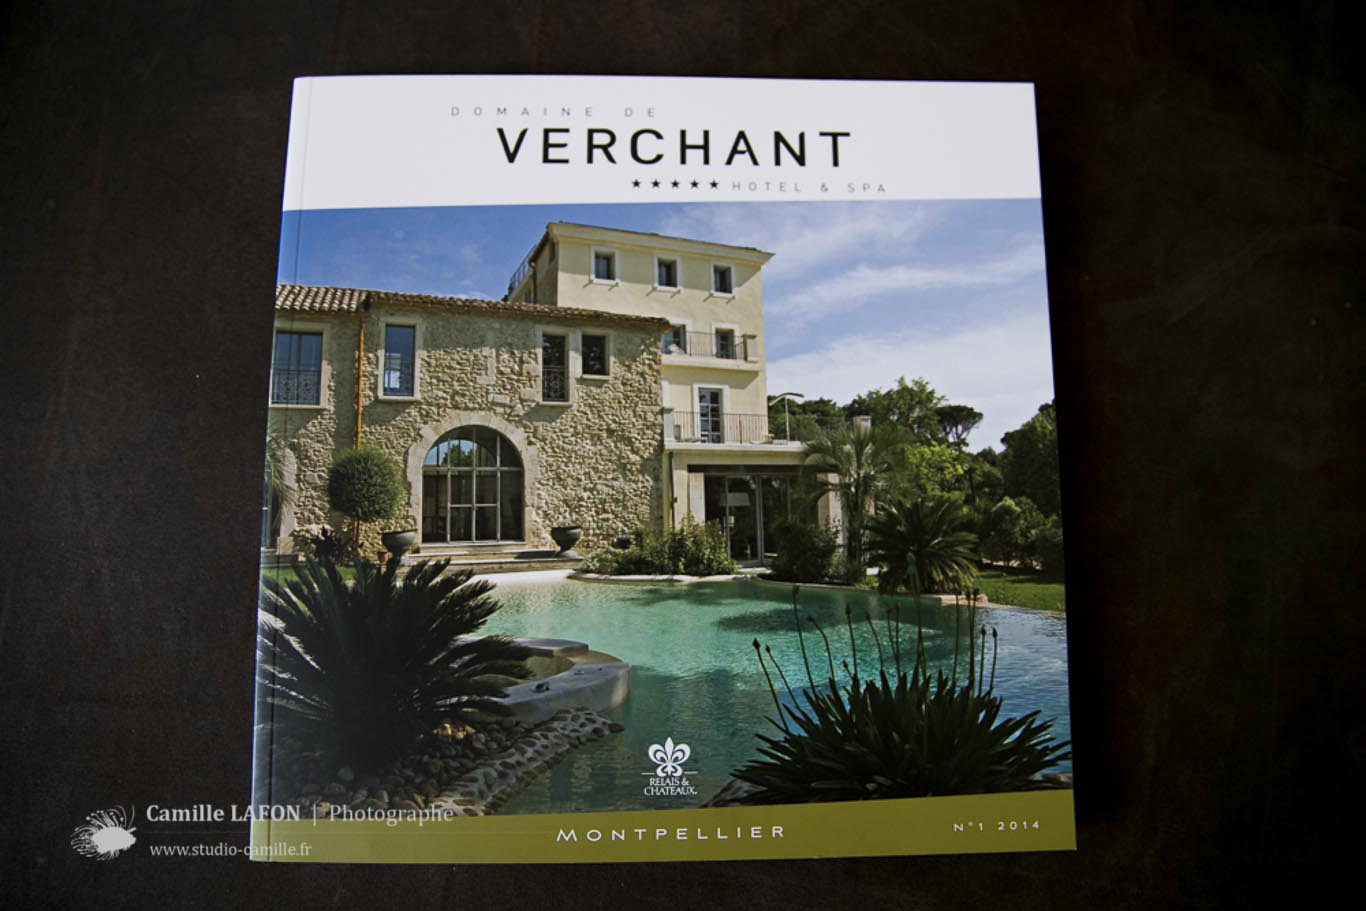 photographe-publicitaire-montpellier-magazine-verchant-2-3